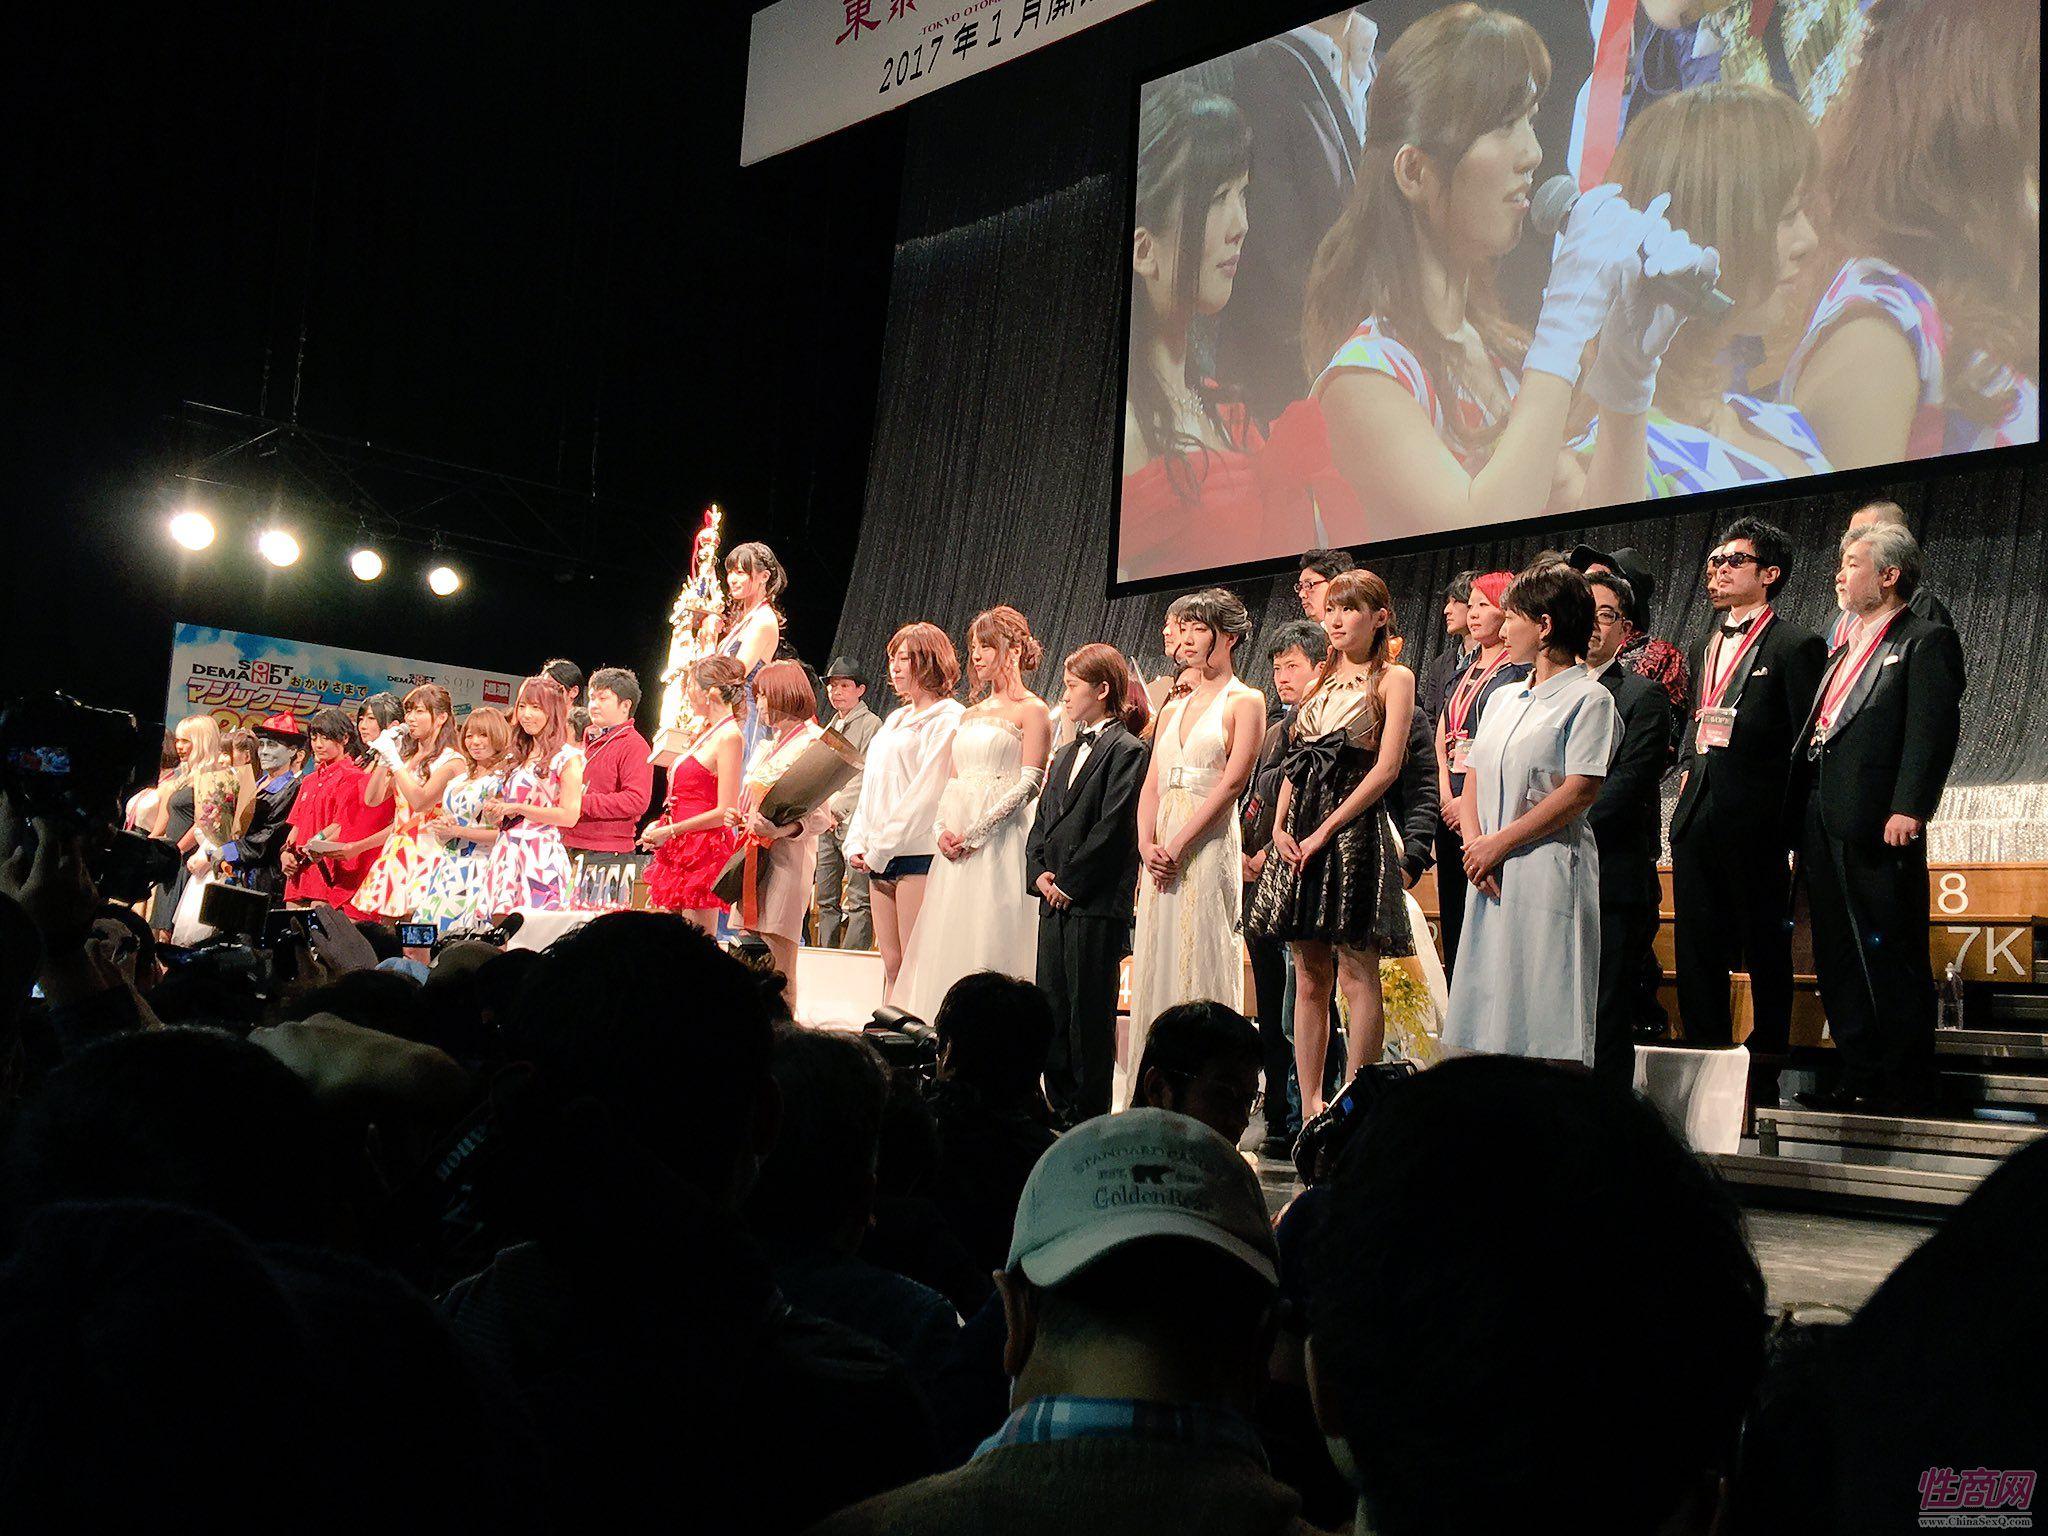 2016日本成人展JapanAdultExpo颁奖典礼2图片24